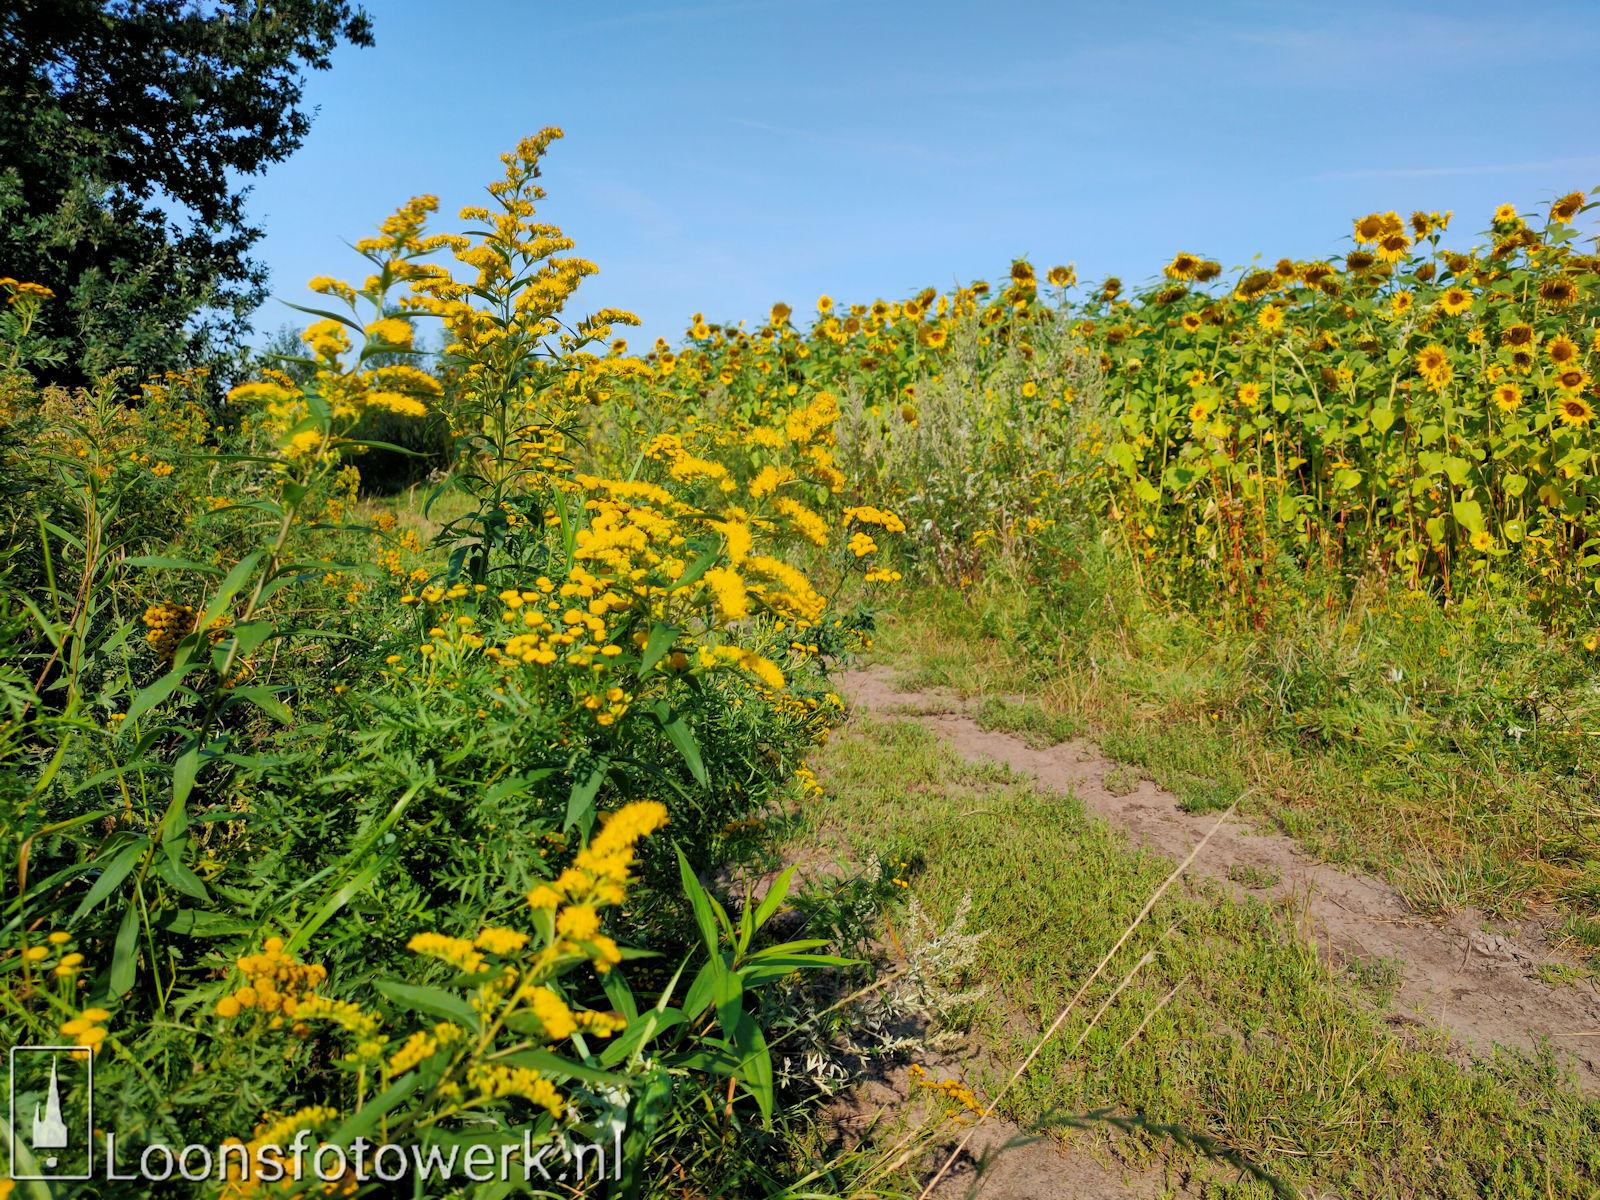 Zonnebloemen Duiksehoef 10